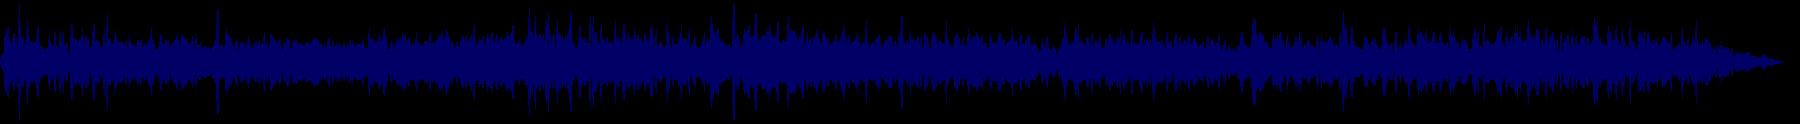 waveform of track #67997